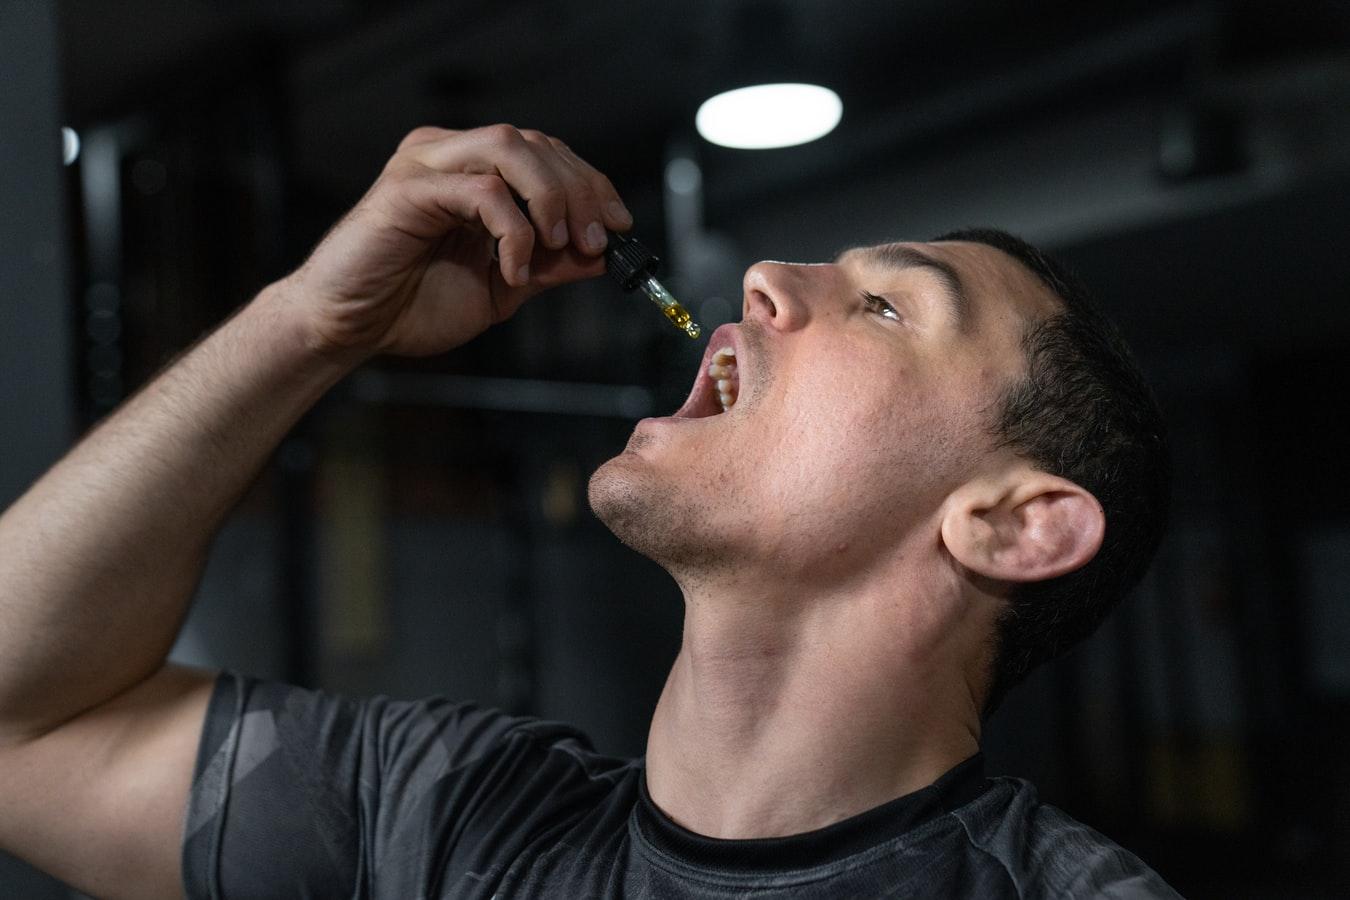 Aké množstvo CBD oleja by ste mali konzumovať pri prvom použití?